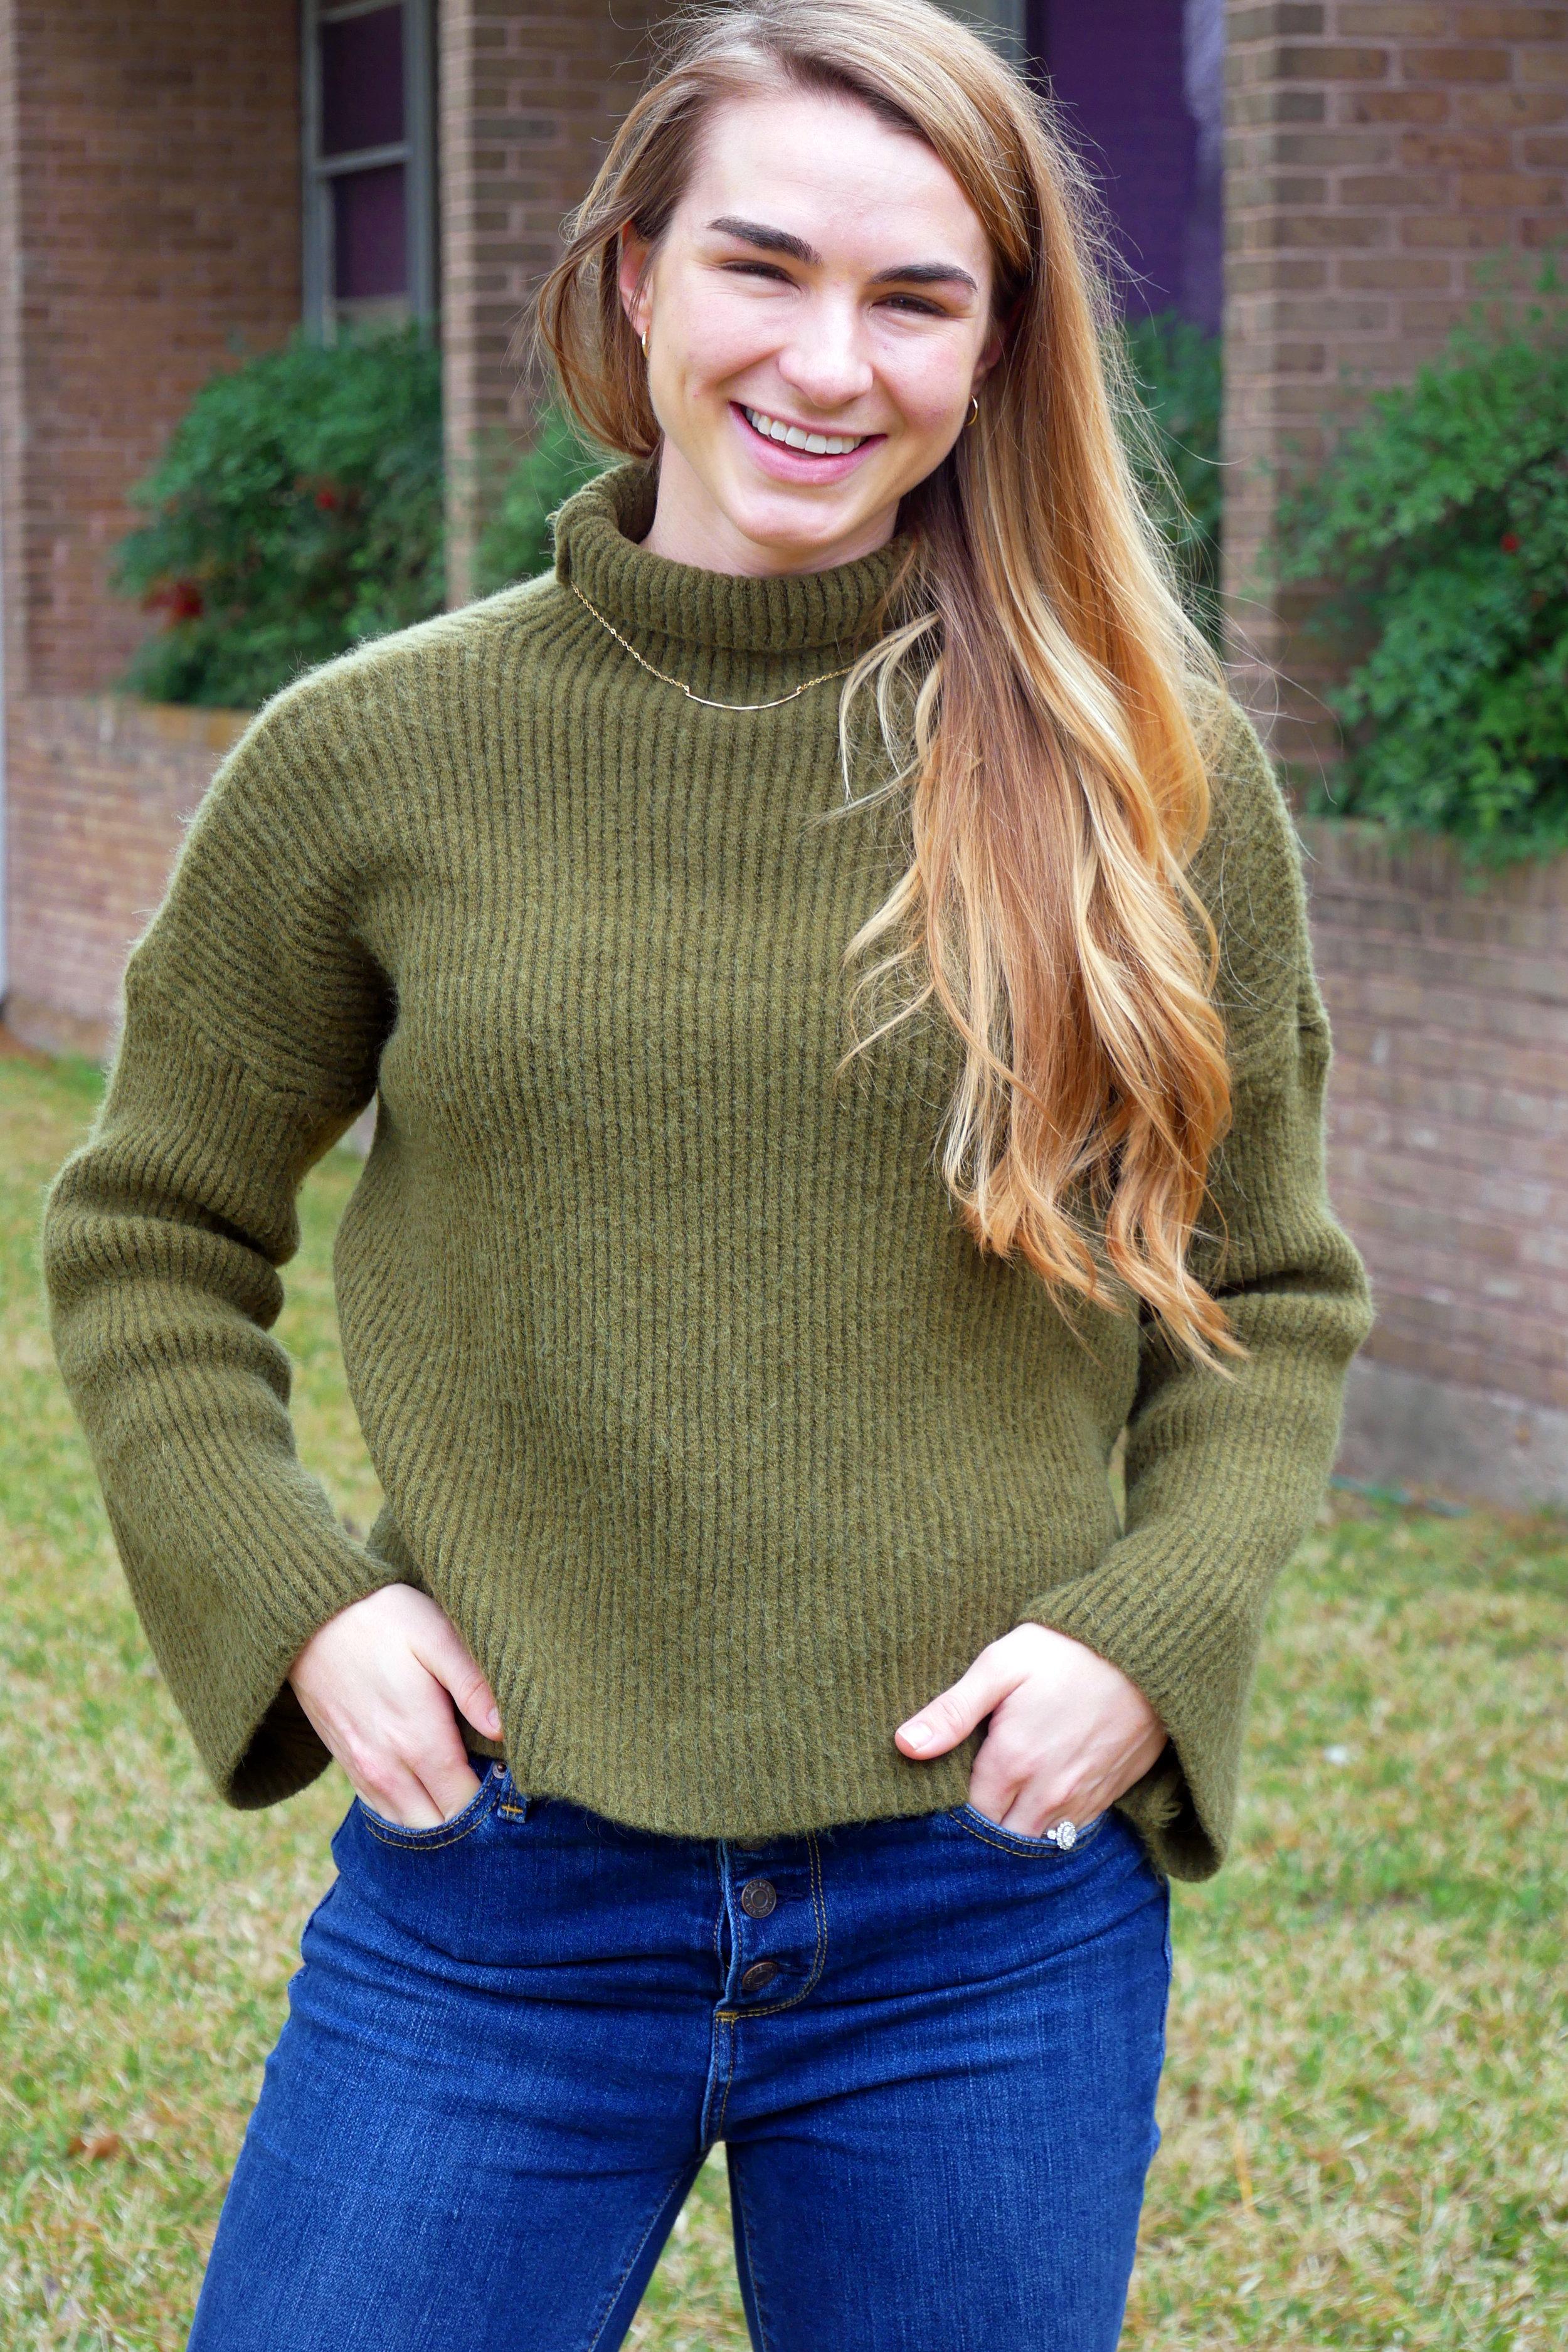 McKenna Merten - Student Leader